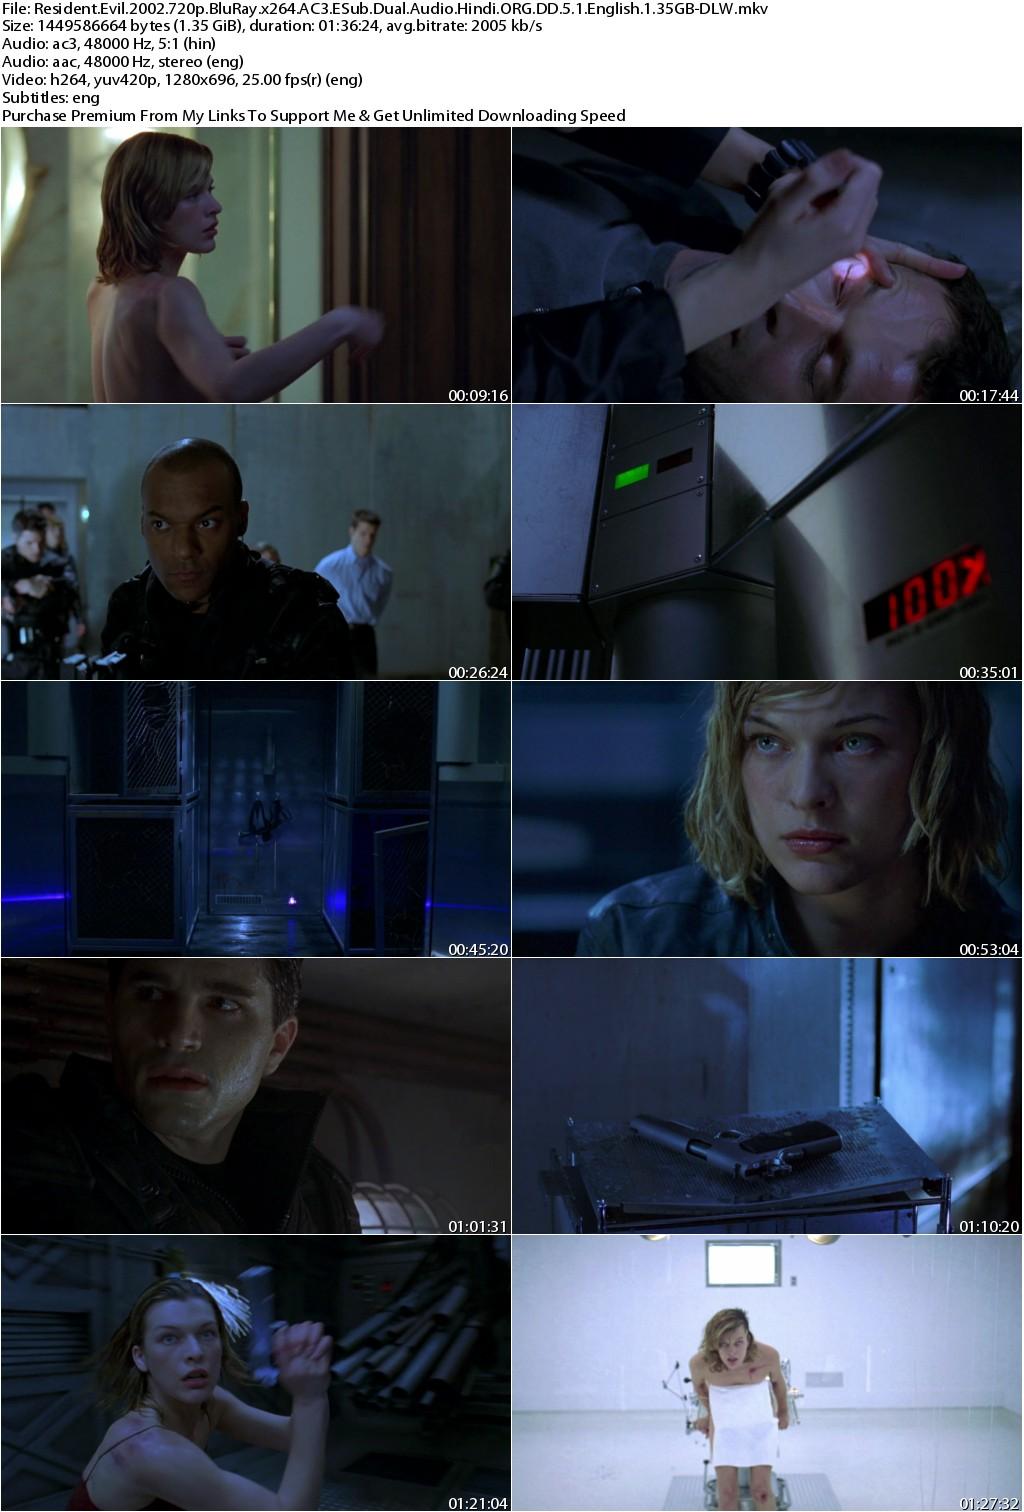 Resident Evil (2002) 720p BluRay Dual Audio [Hindi ORG DD 5.1+Eng] ESub 1.35GB-DLW